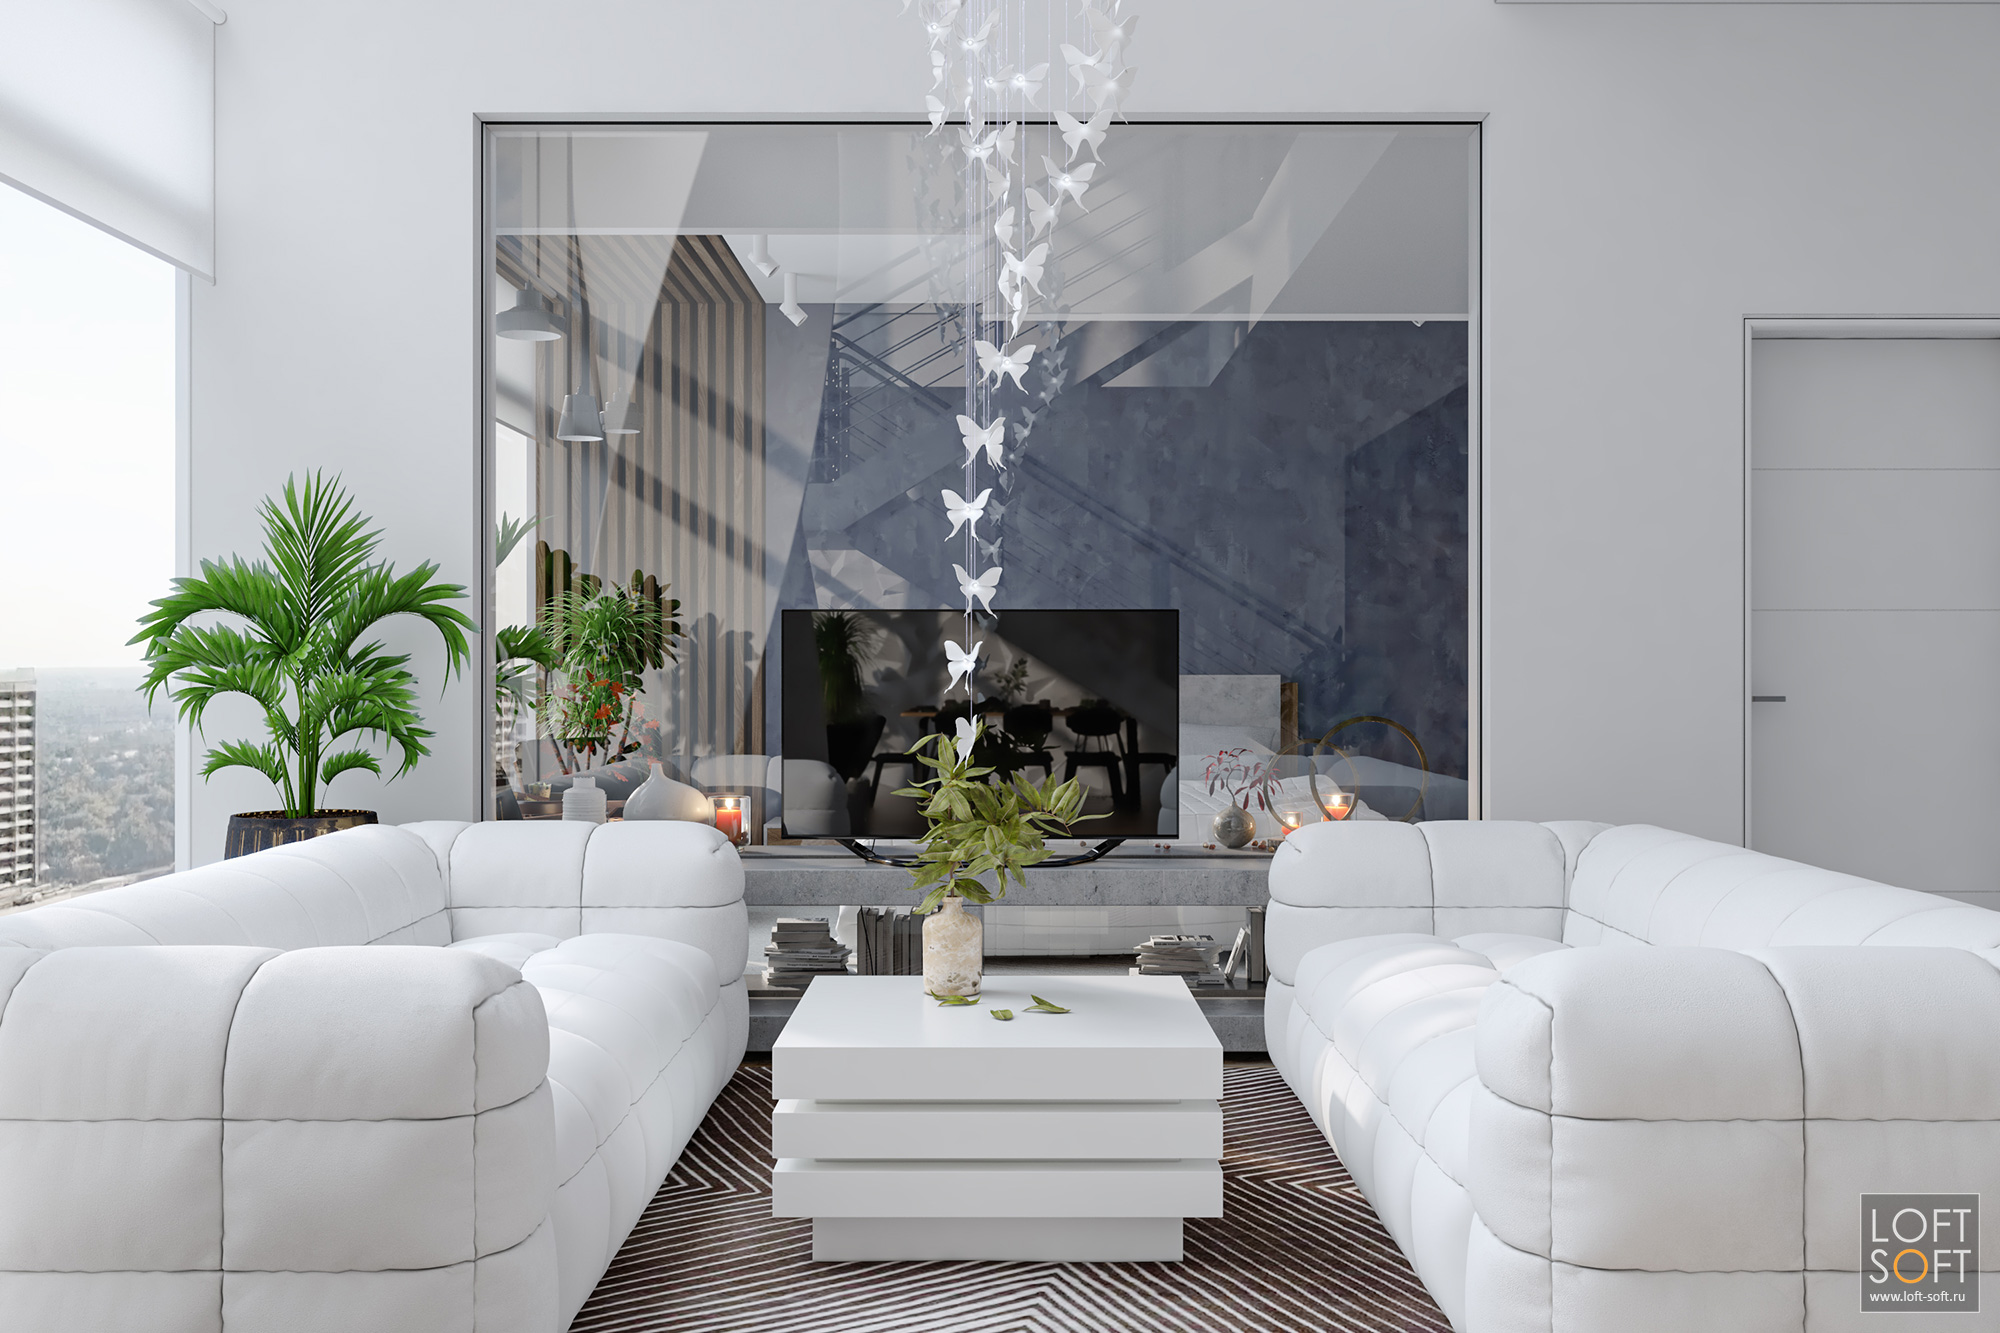 Стеклянная перегородка вдоме. Современный дизайн дома. Зелень ибелый интерьер.